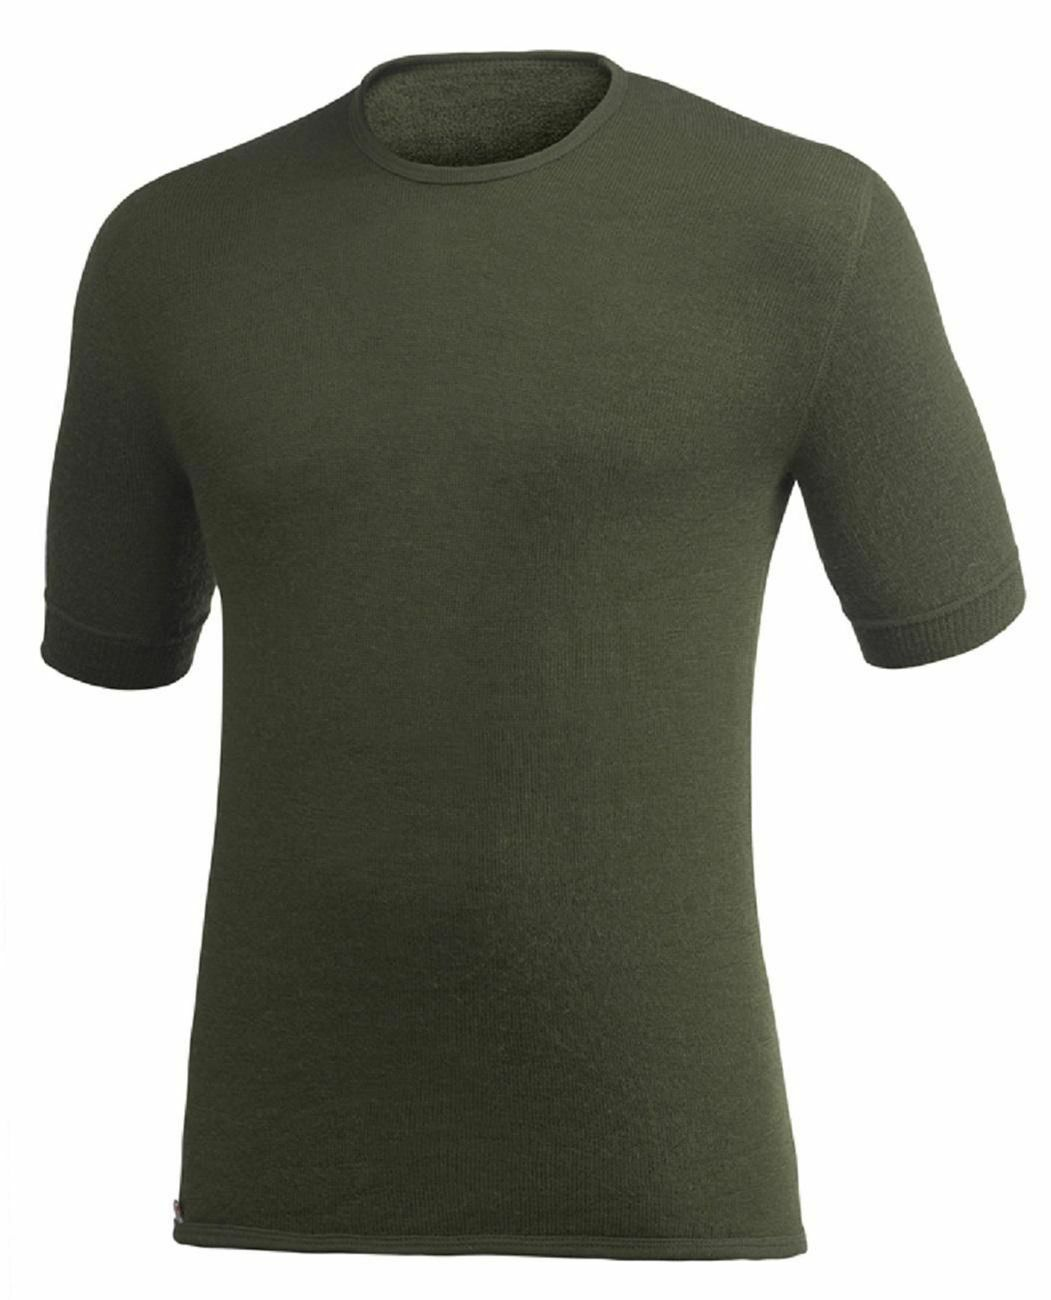 Woolpower Damen Herren Funktionsshirt TEE 200 kurzarm kurzarm kurzarm Thermoshirt atmungsaktiv 4af87c